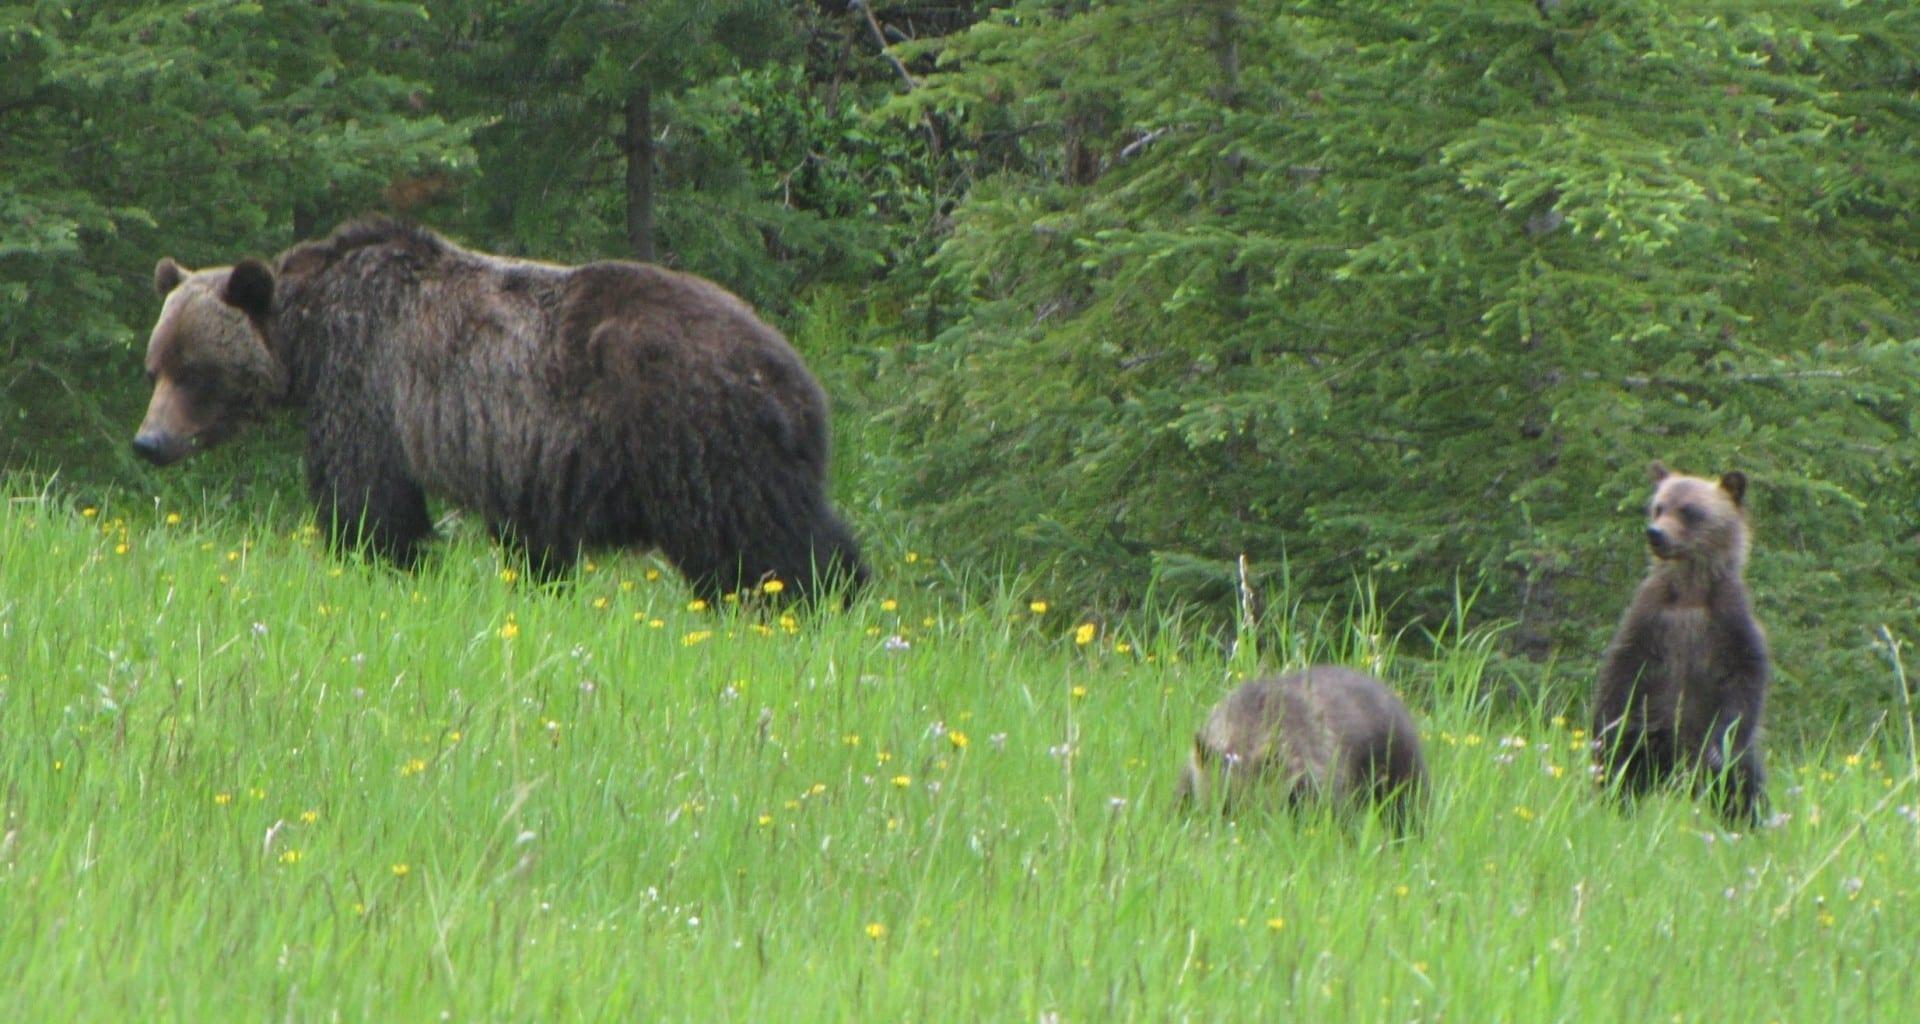 Un oso pardo con cachorros en Kananaskis. Kananaskis Canadá